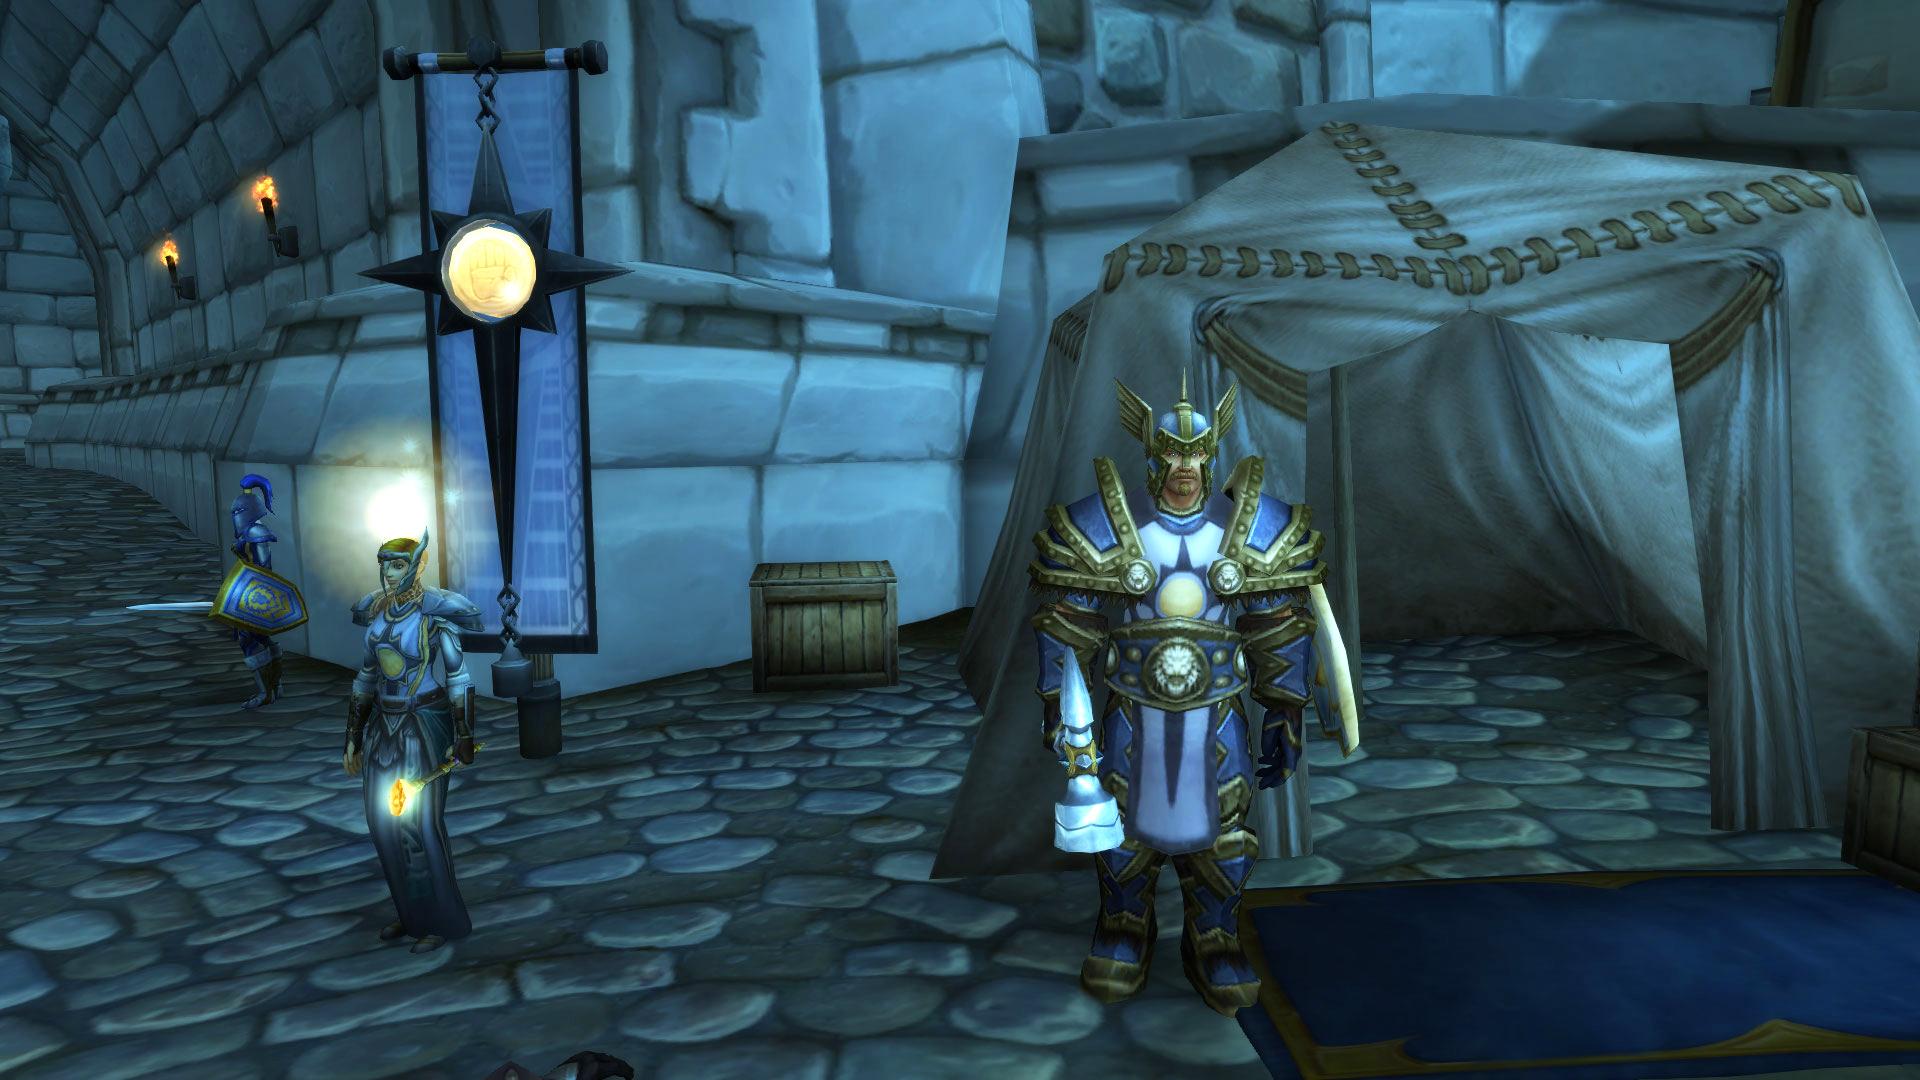 Prepatch 9.0 : Le commandant Grégor de la Croisade d'argent vous attend aux portes de Hurlevent